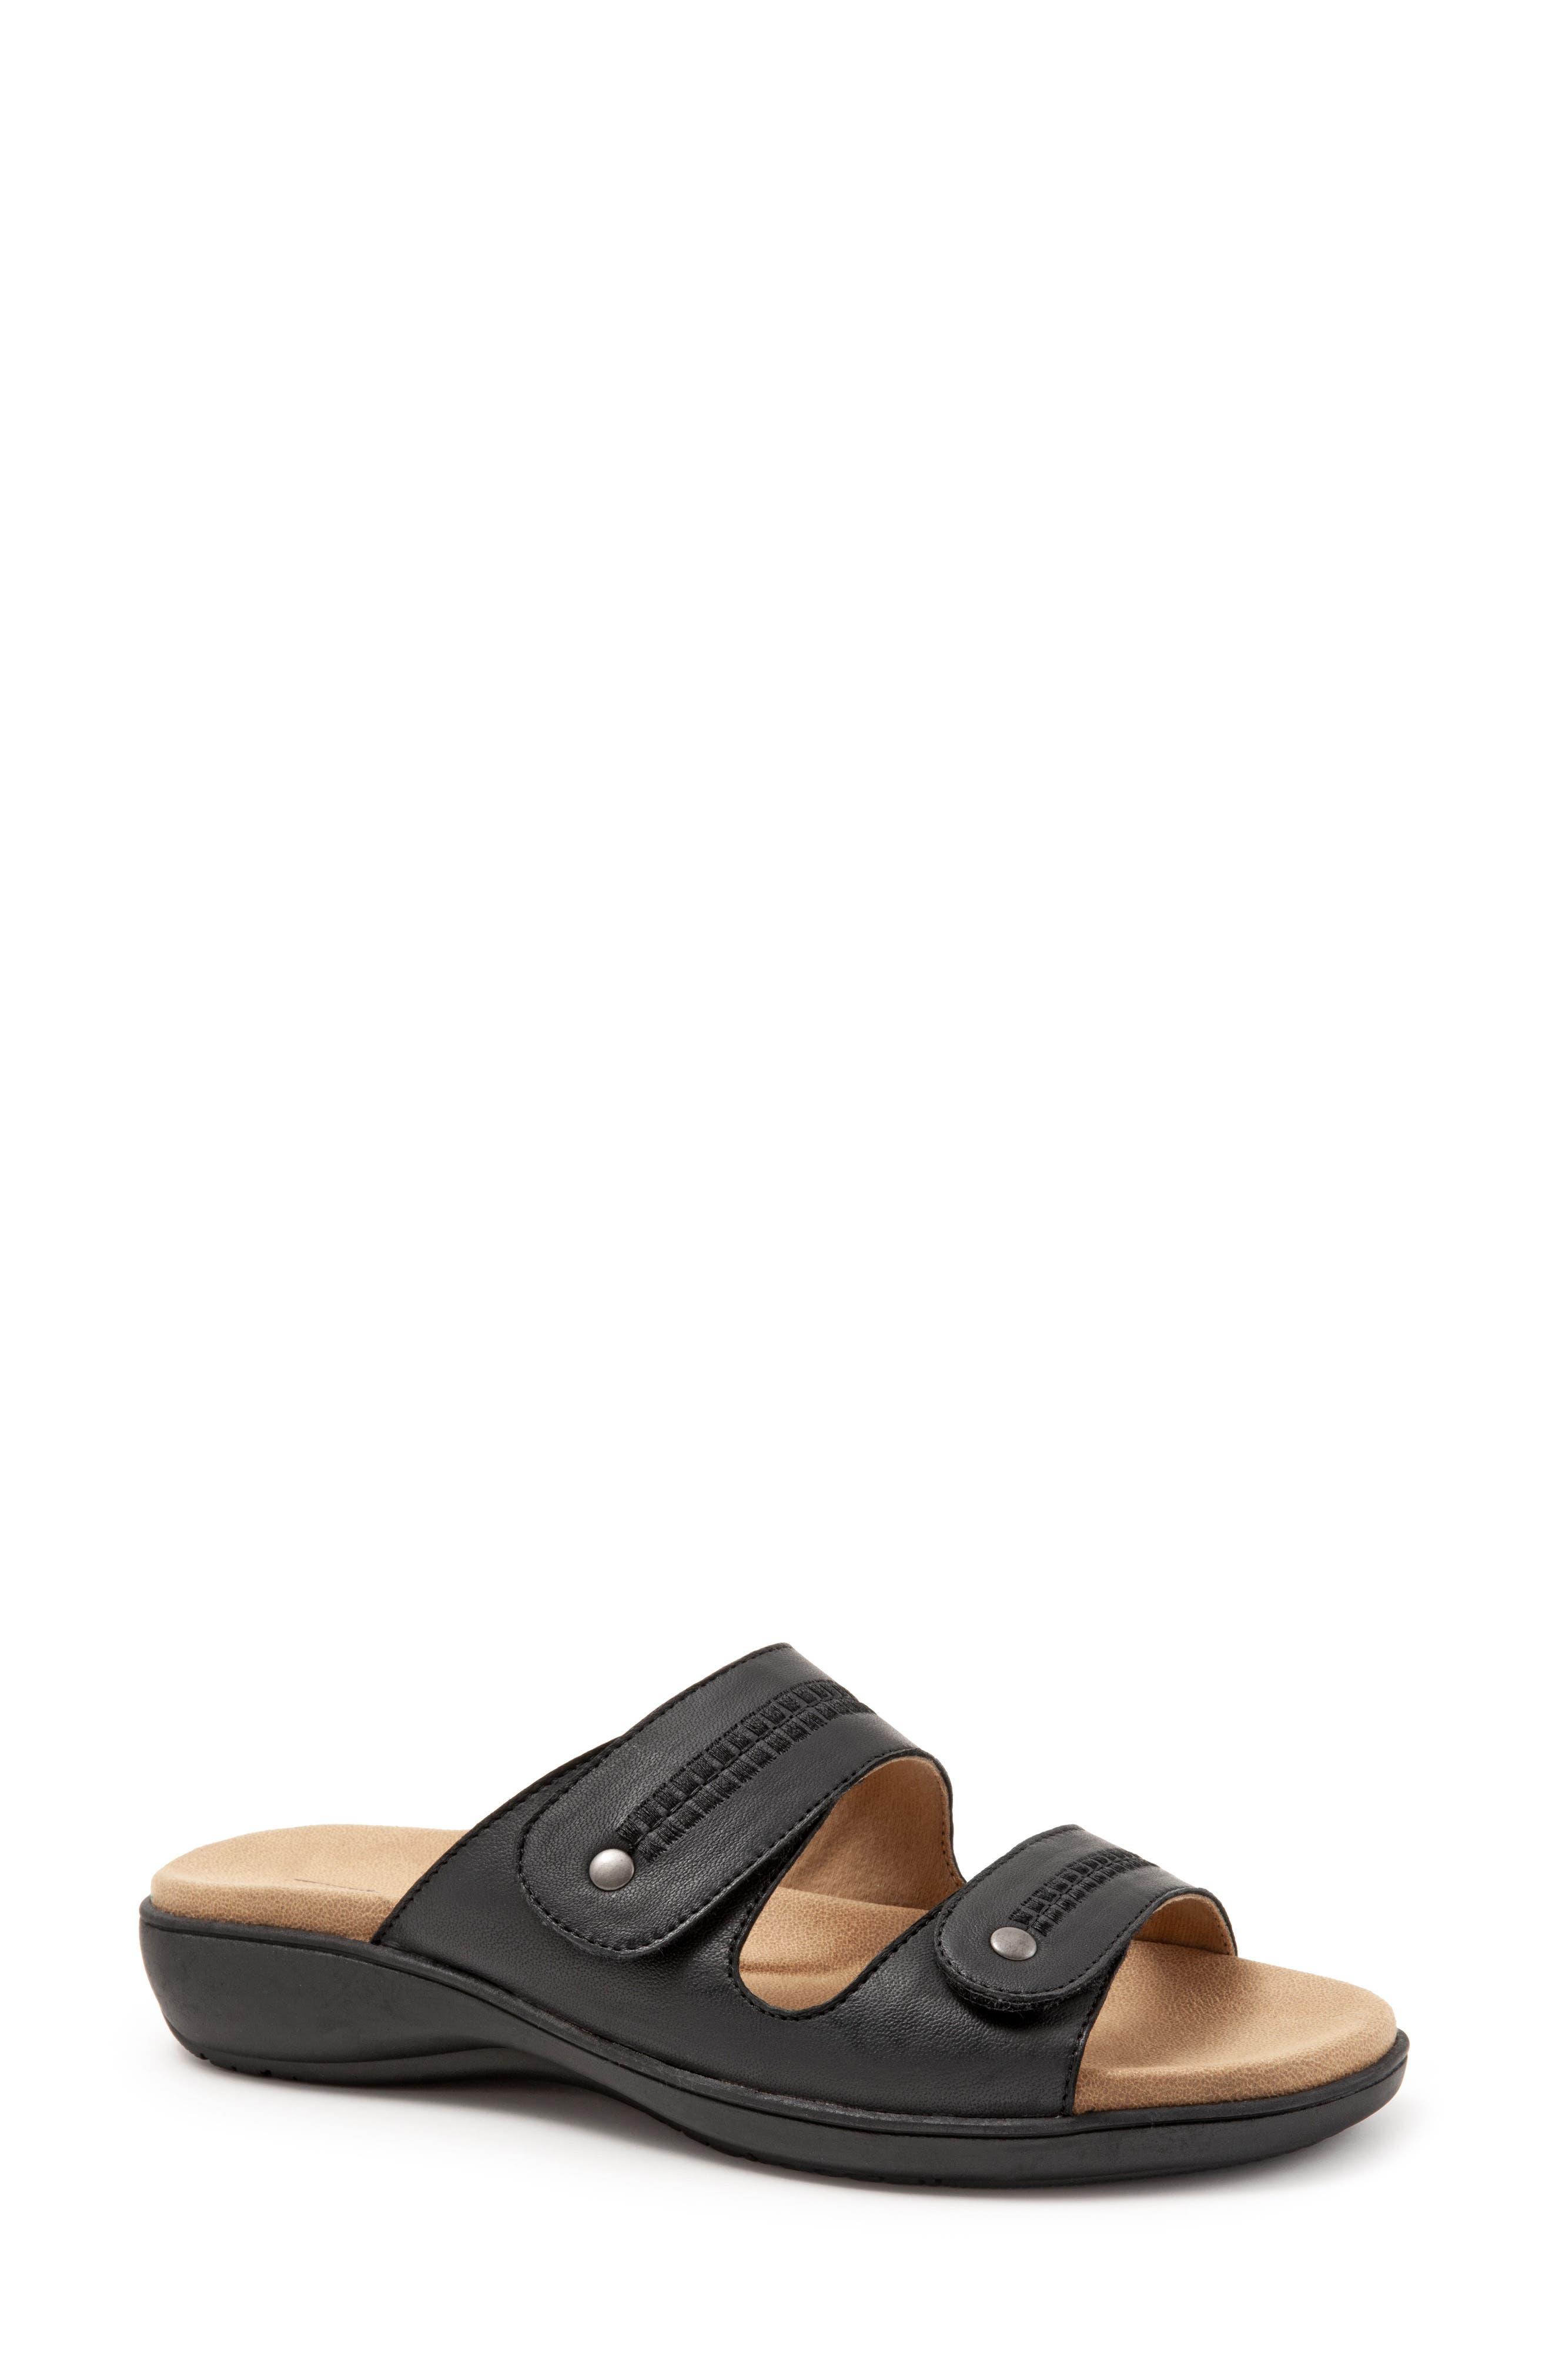 Vale Double Strap Slide Sandal,                             Main thumbnail 1, color,                             BLACK LEATHER